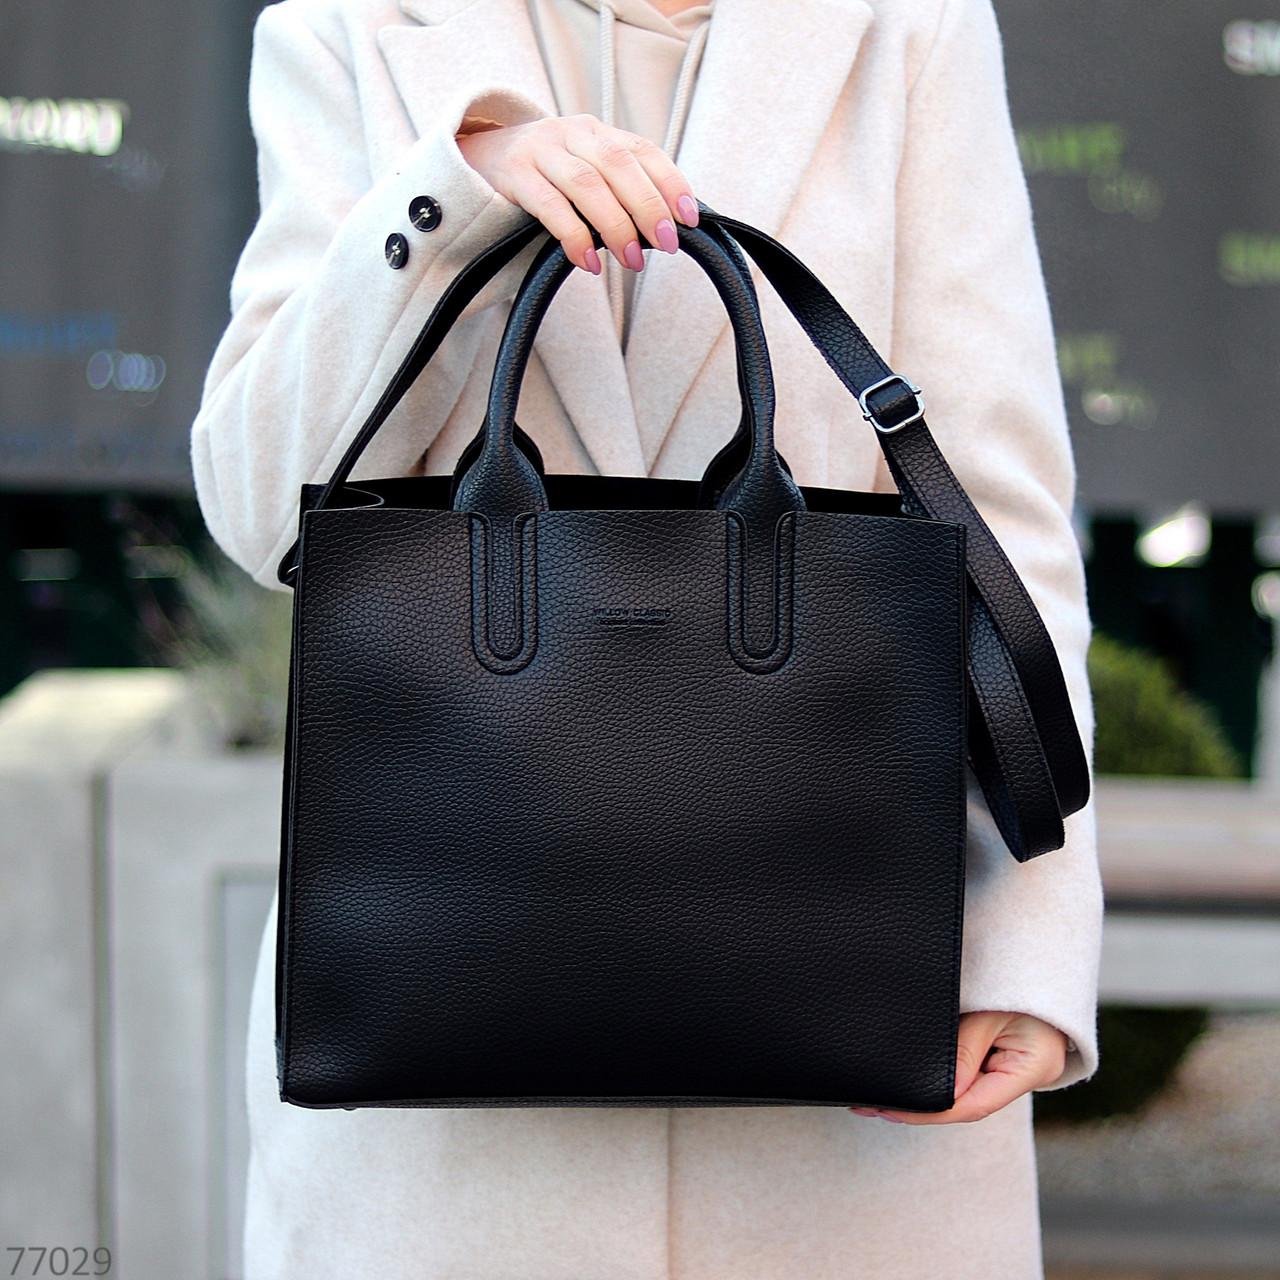 Ультра модная фактурная черная женская сумка - шоппер Регулируемый ремень на плечо